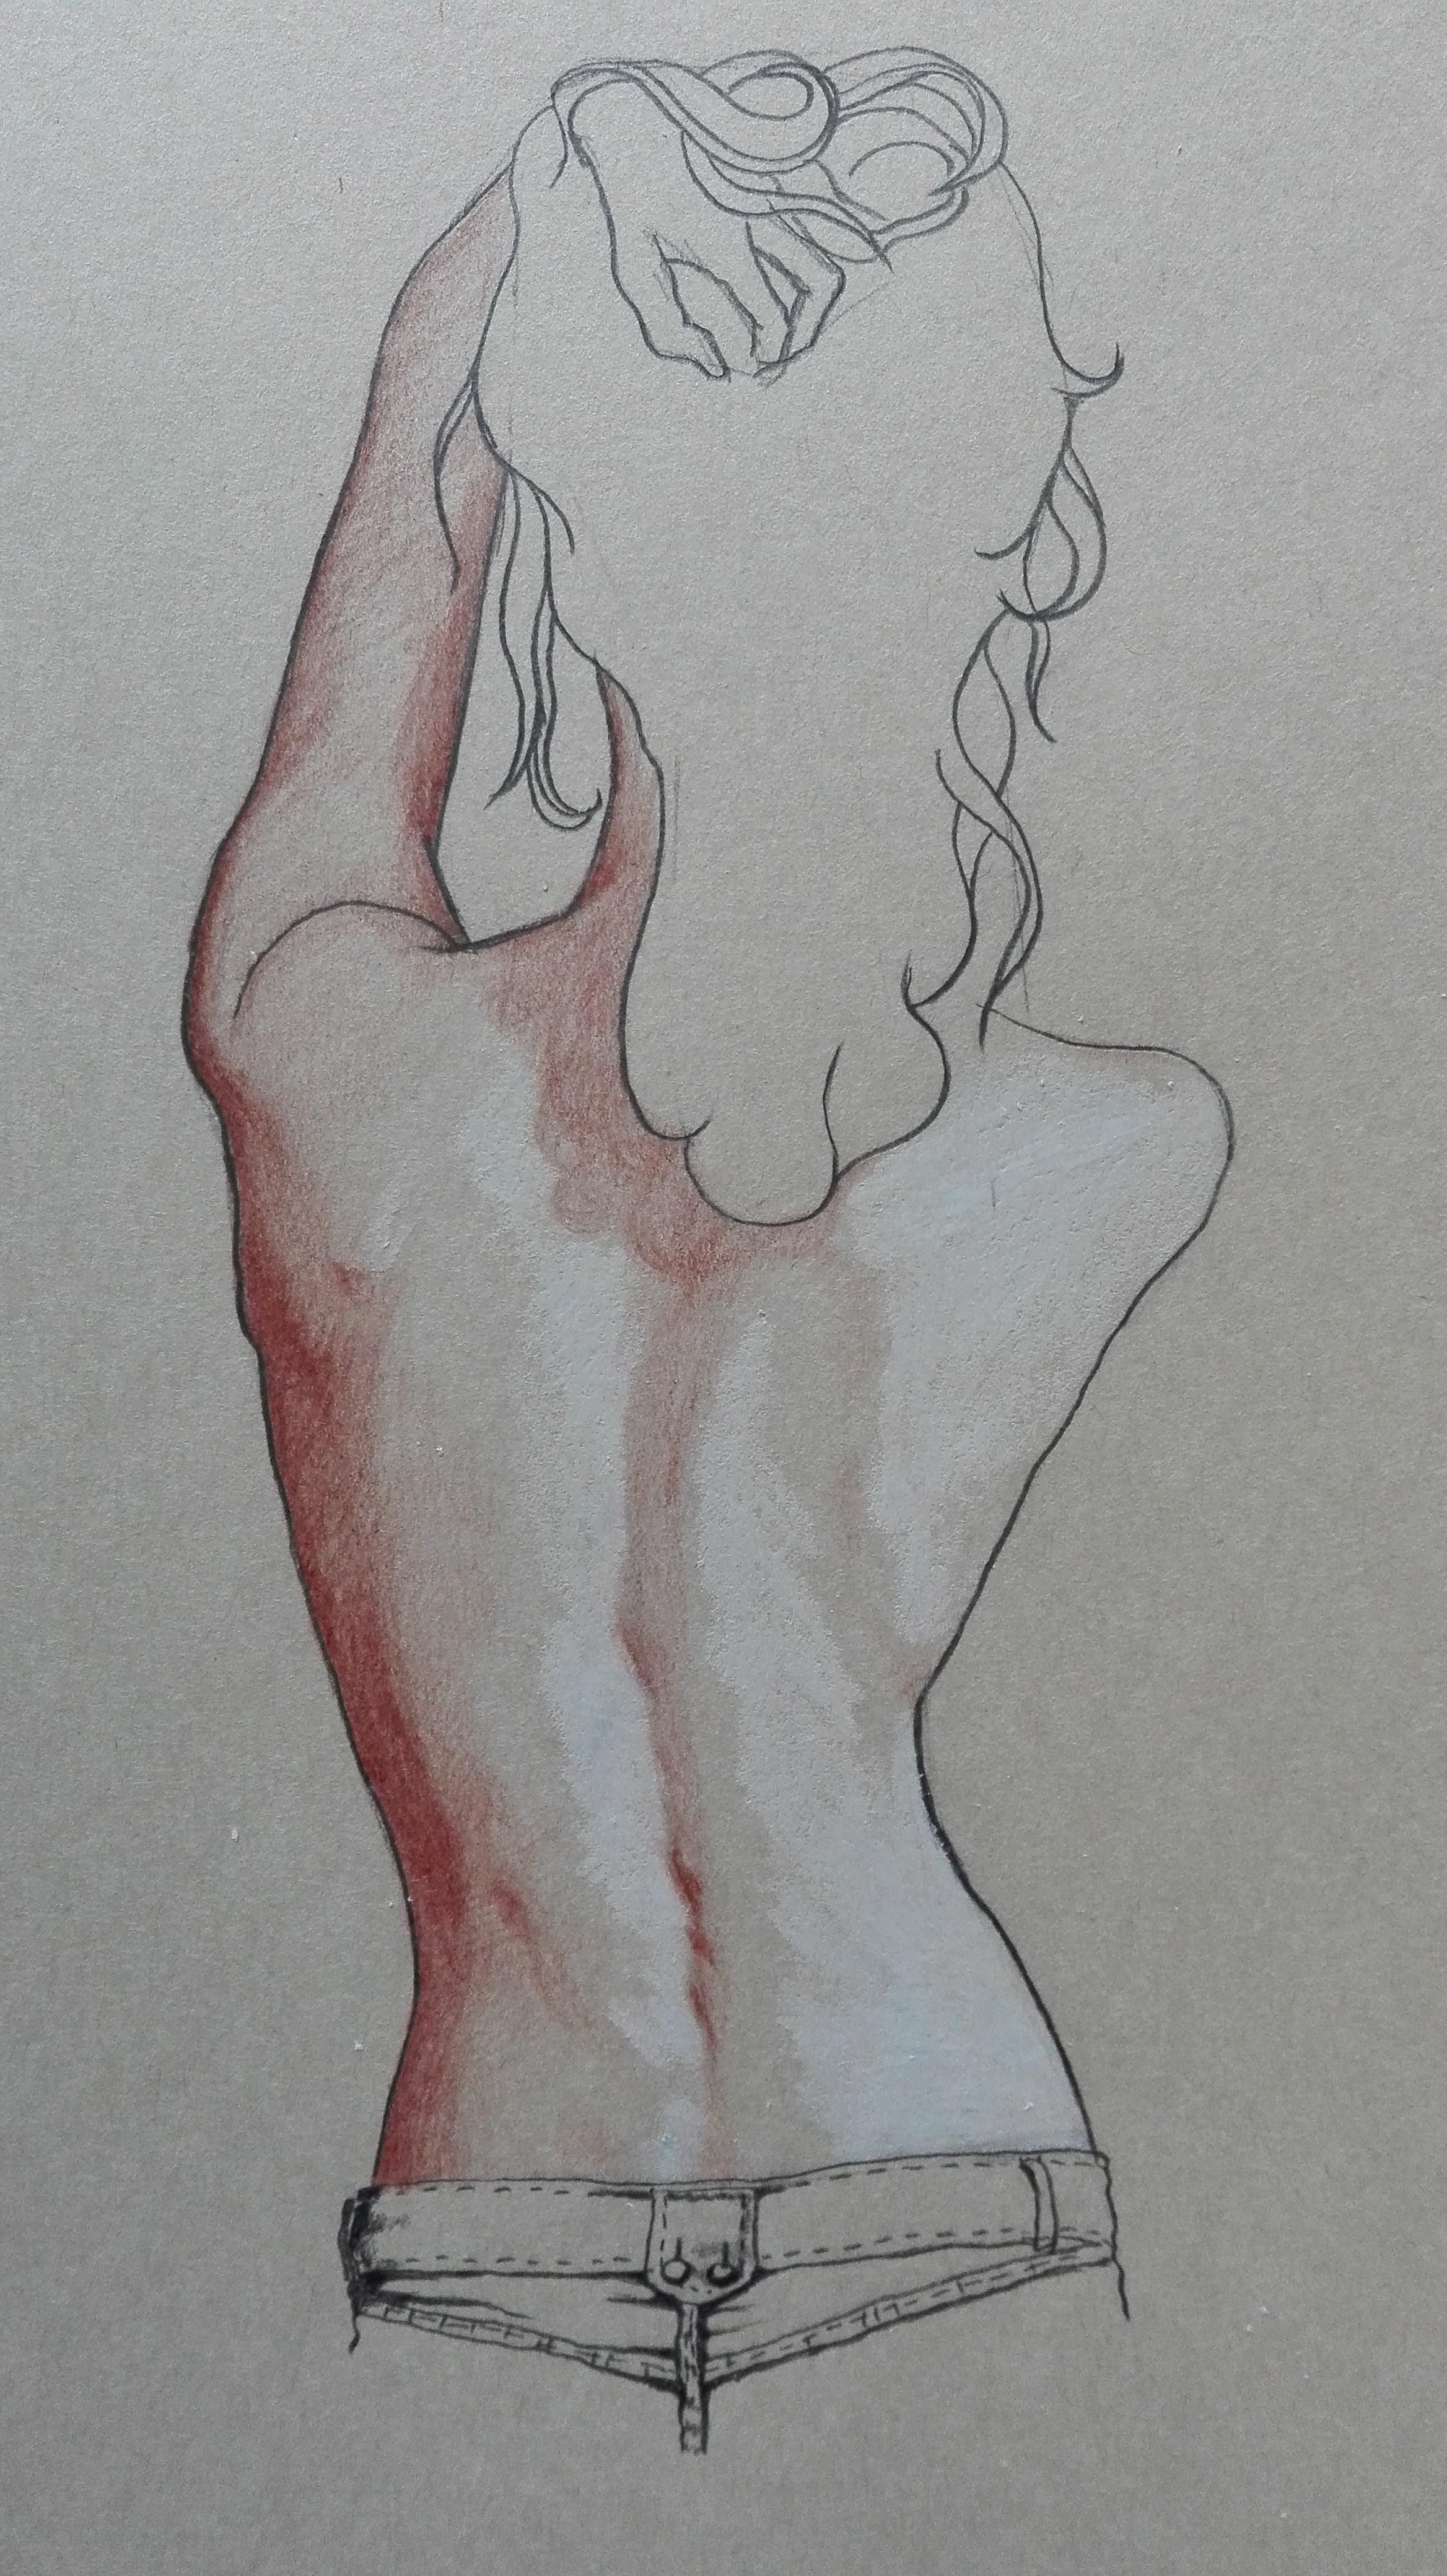 背影手绘图简单